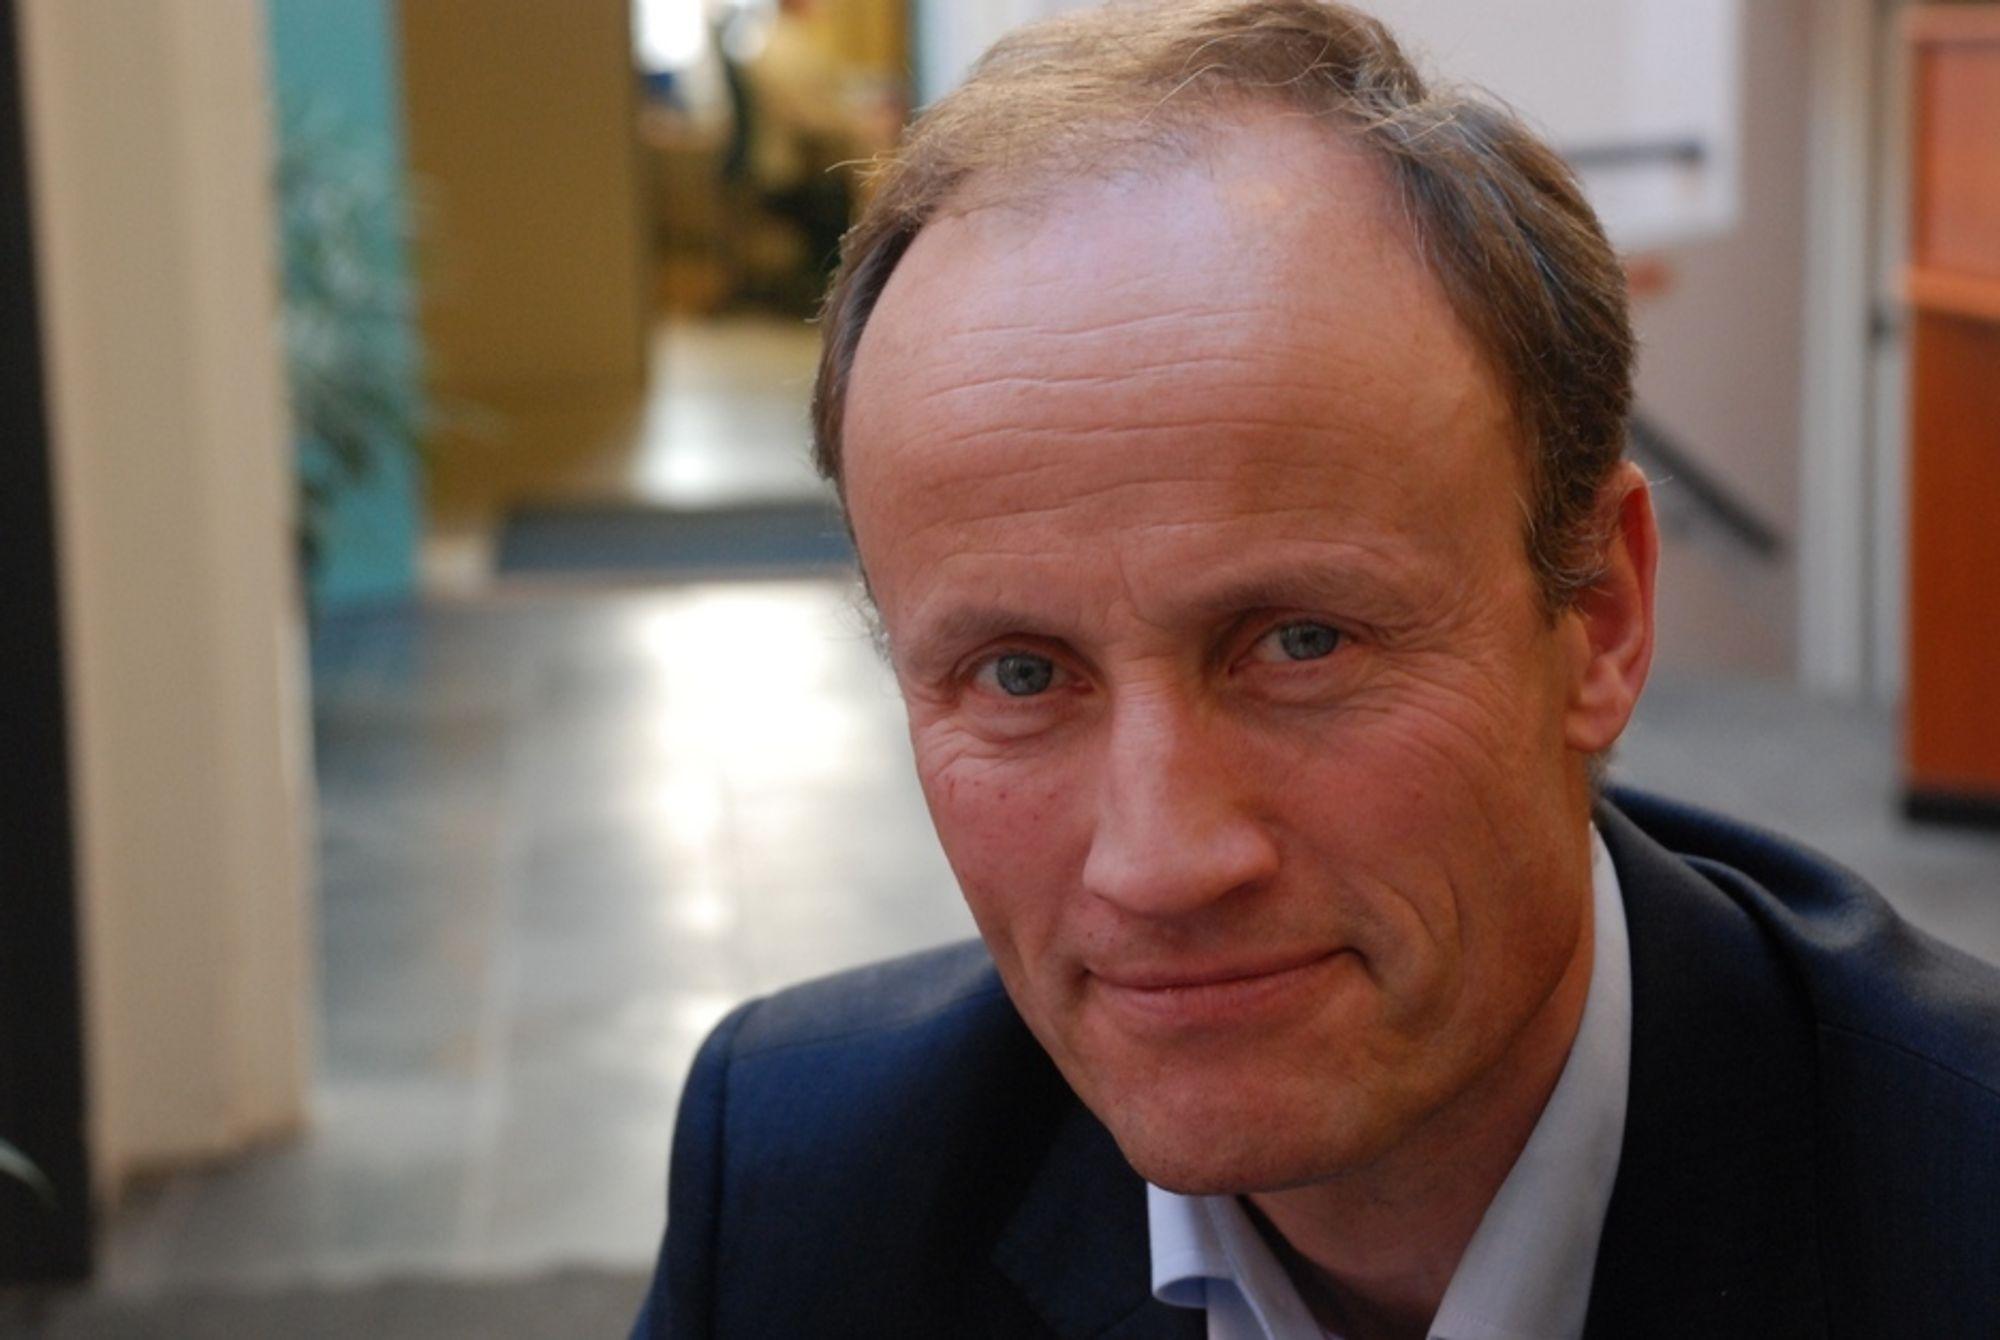 SKAL STØTTE TEKNOLOGI: Enova-direktør Nils Kristian Nakstad skal støtte teknologi som er nær markedsintroduksjon, ifølge den nye avtalen med eieren Olje- og energidepartementet. FOTO: Jannicke Nilsen